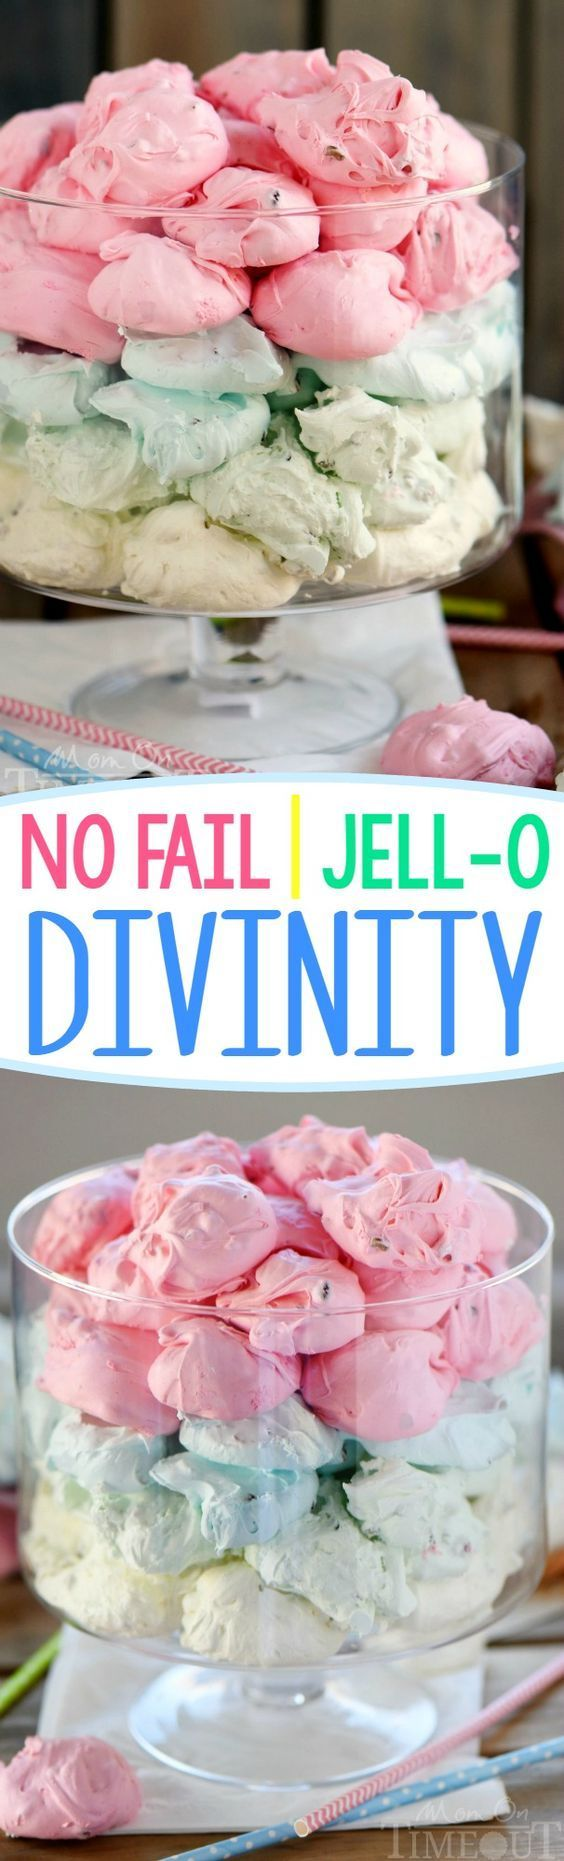 Photo of No Fail Jell-O Divinity